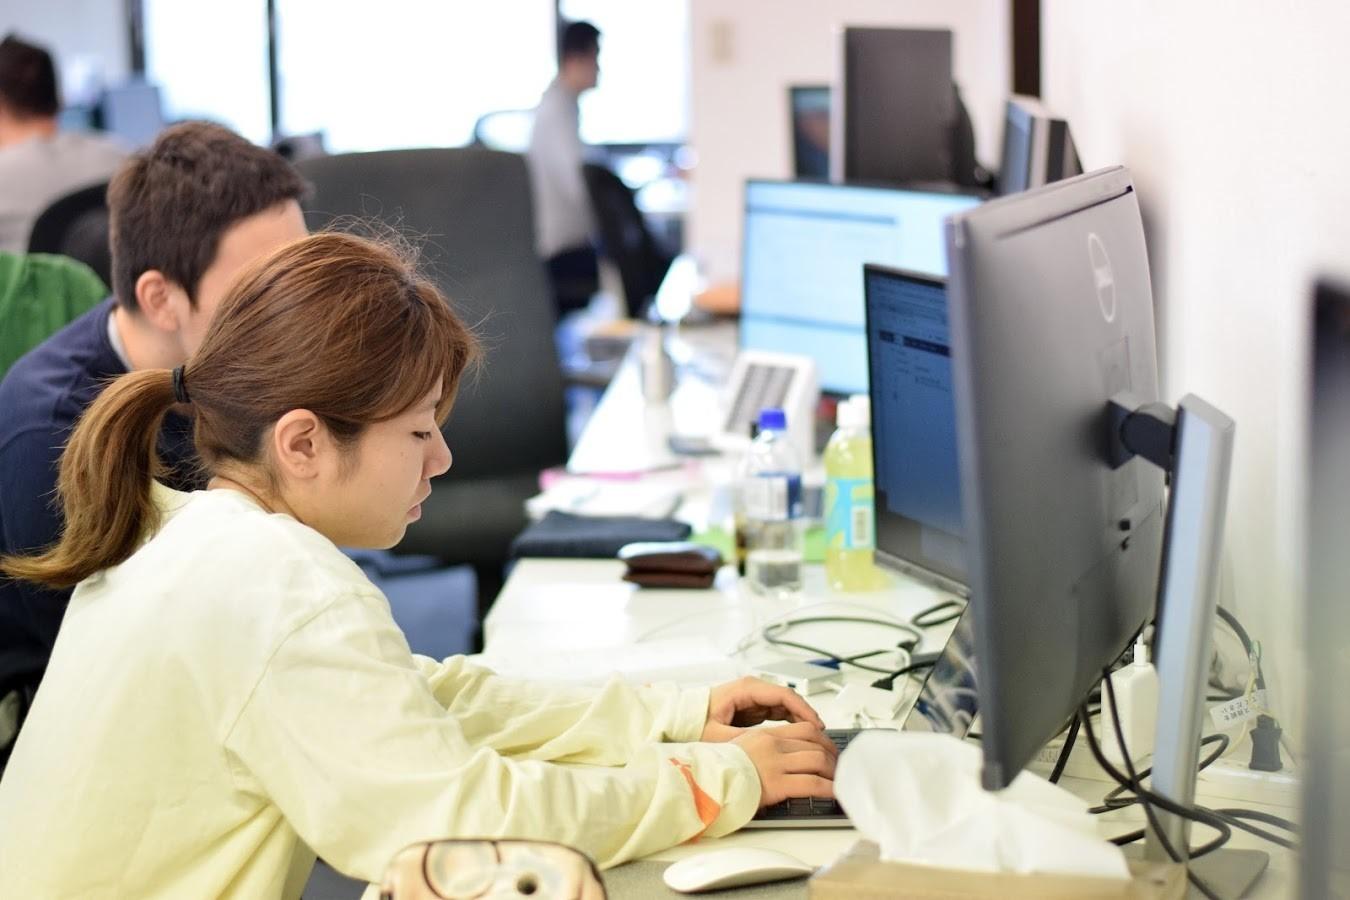 働く女性のキャリアデザインをより豊かに!在宅でも活躍したいエンジニア募集!